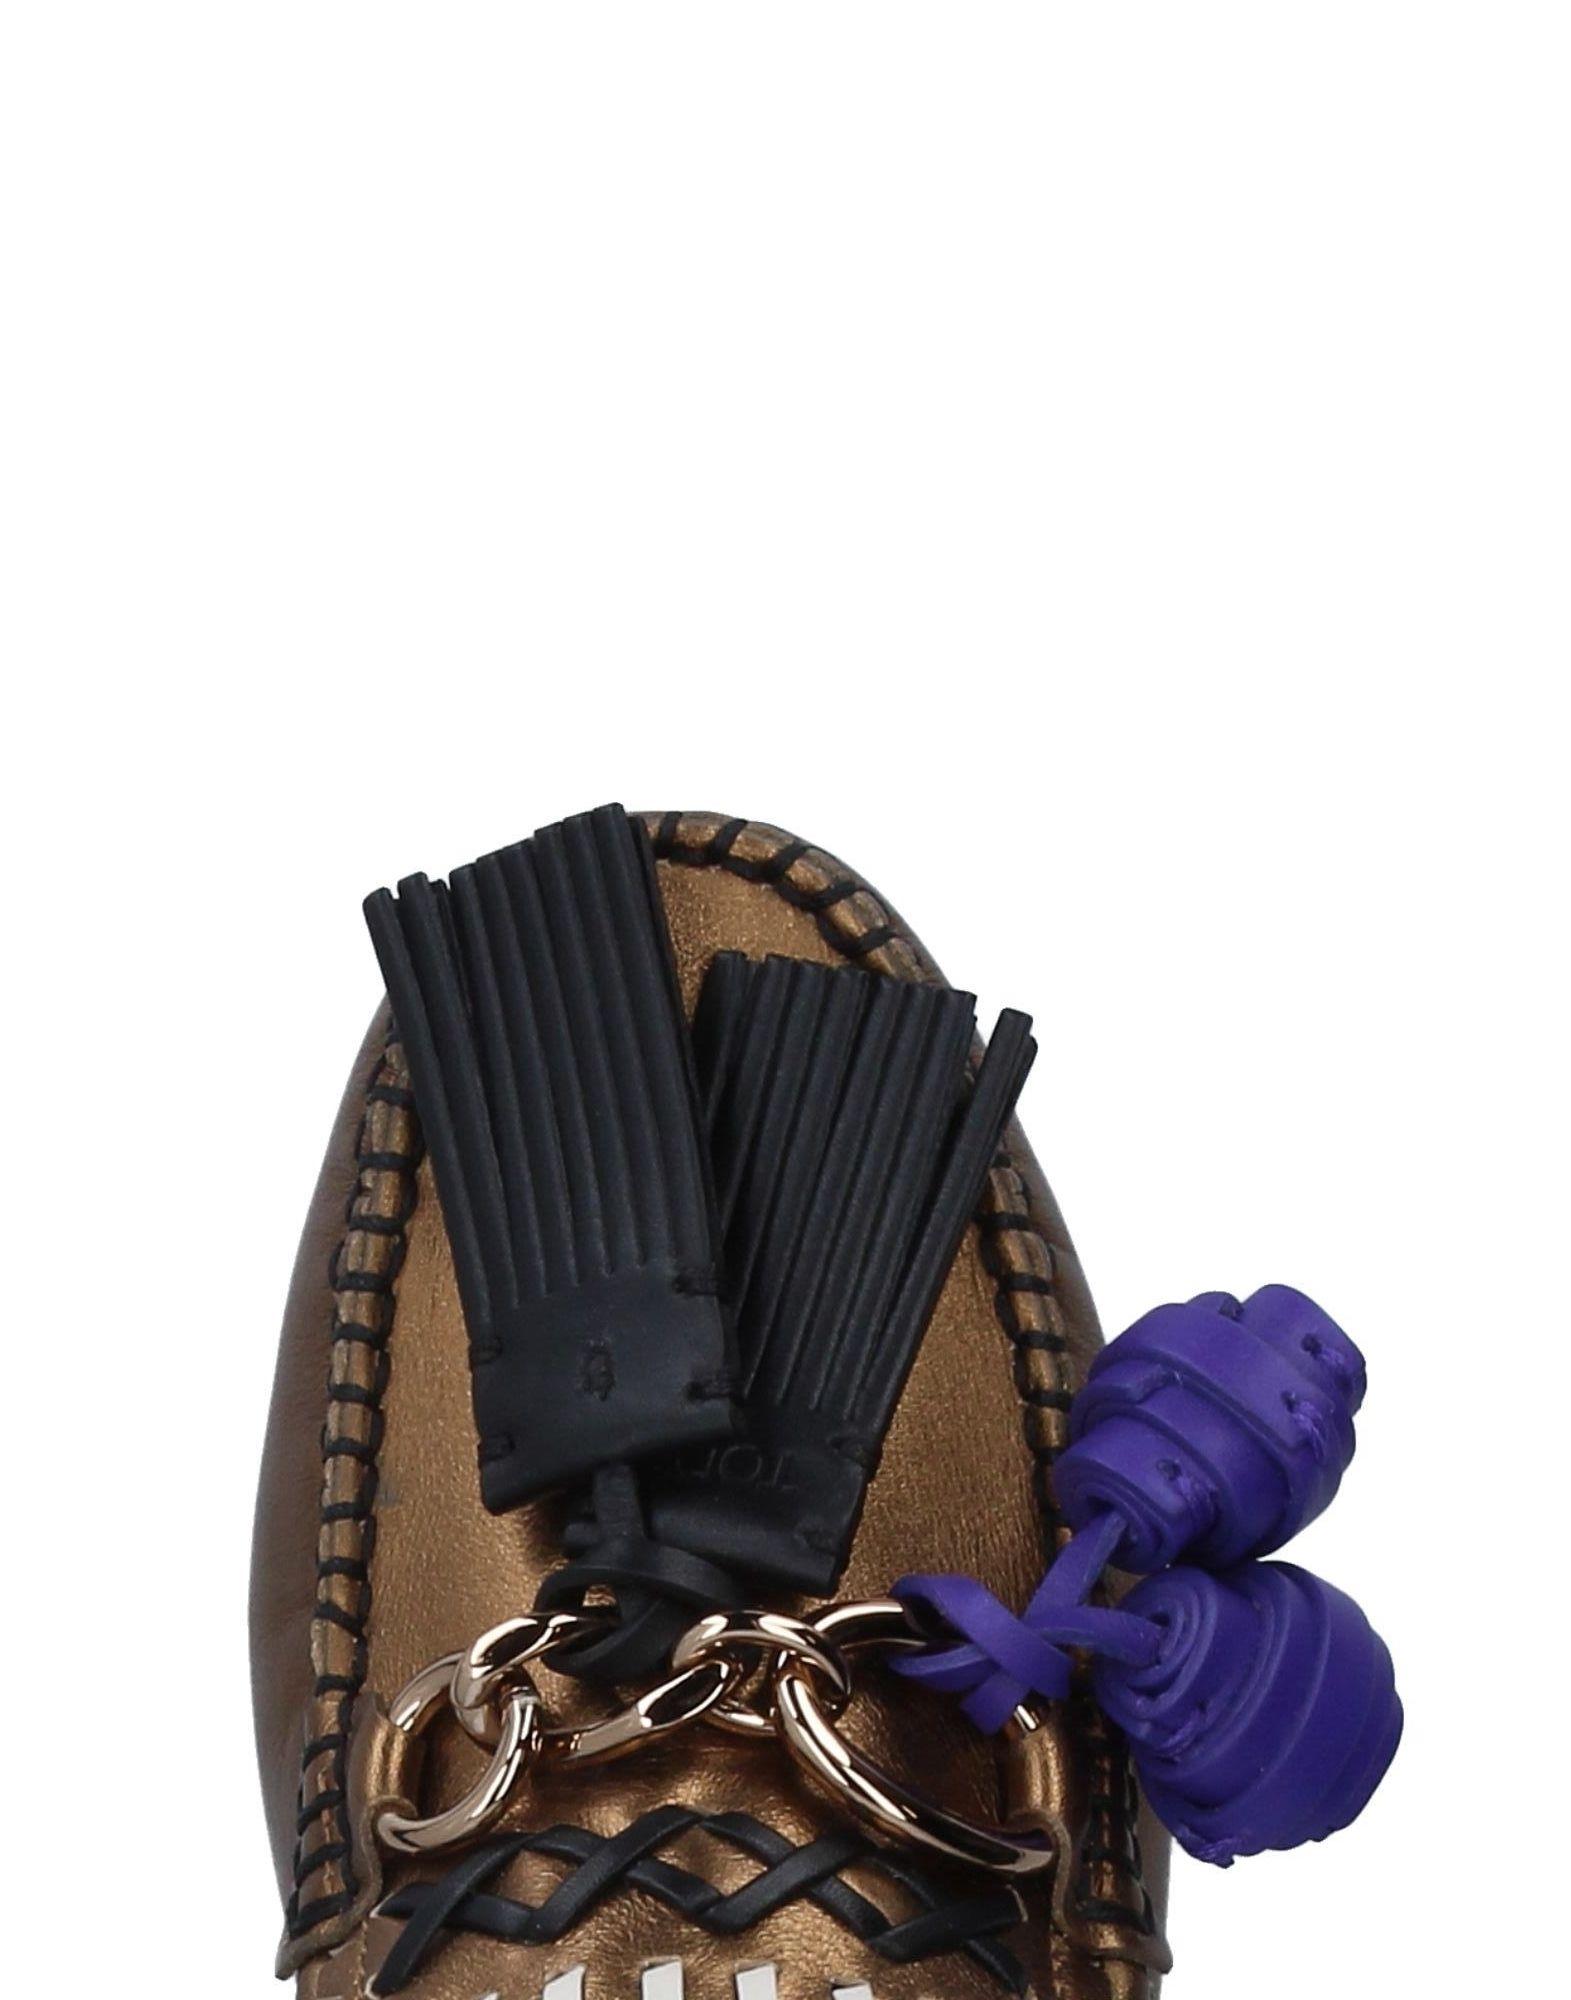 Tod's Mokassins Damen  11270154CQGünstige Schuhe gut aussehende Schuhe 11270154CQGünstige 01354c